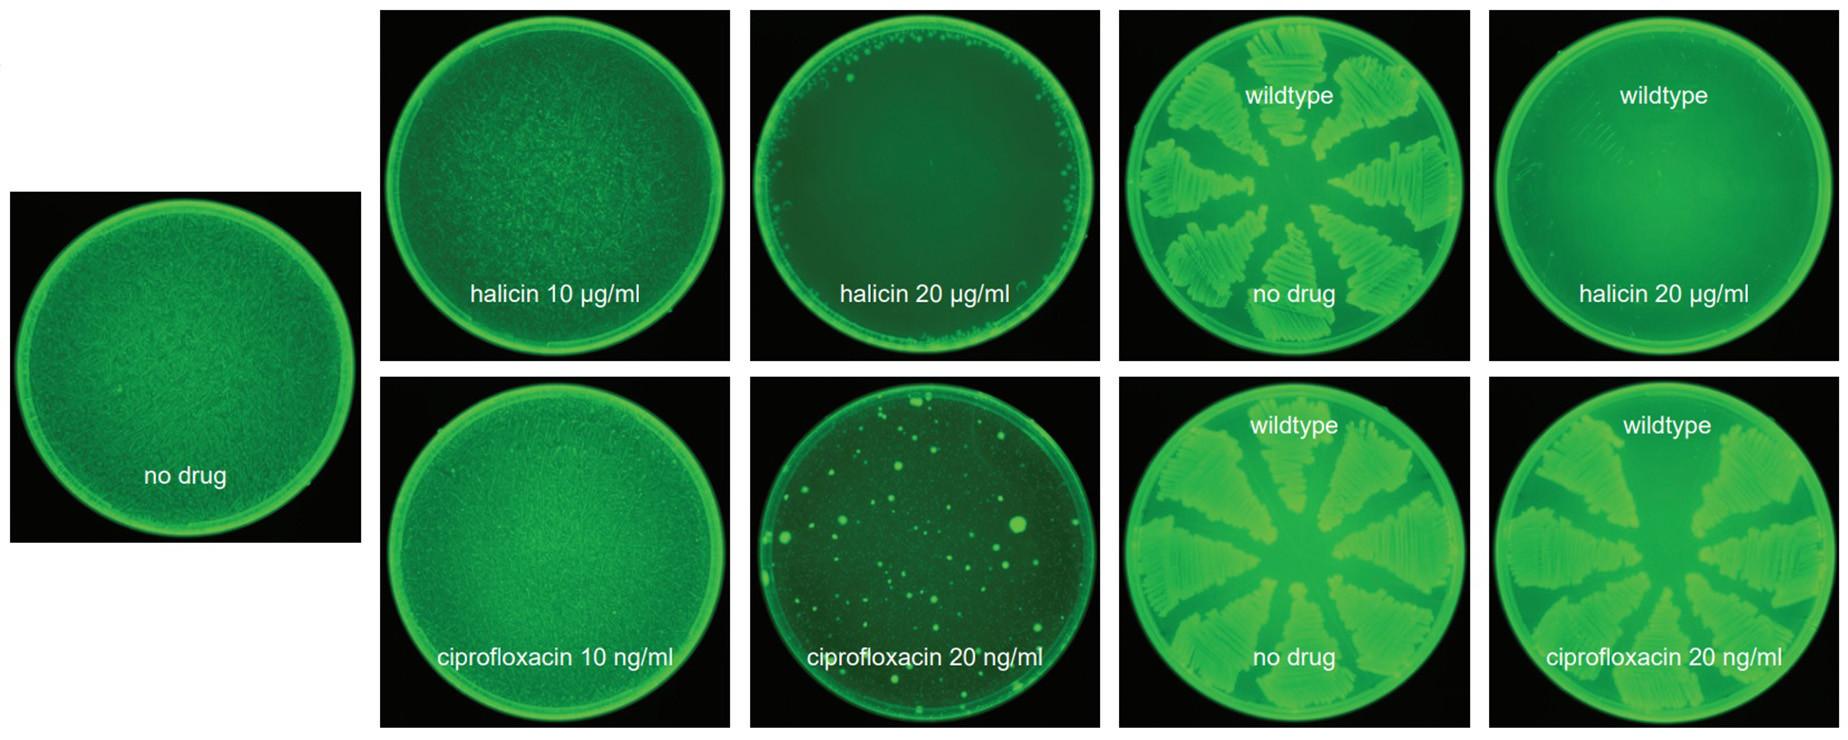 halicina eficiencia placas petri